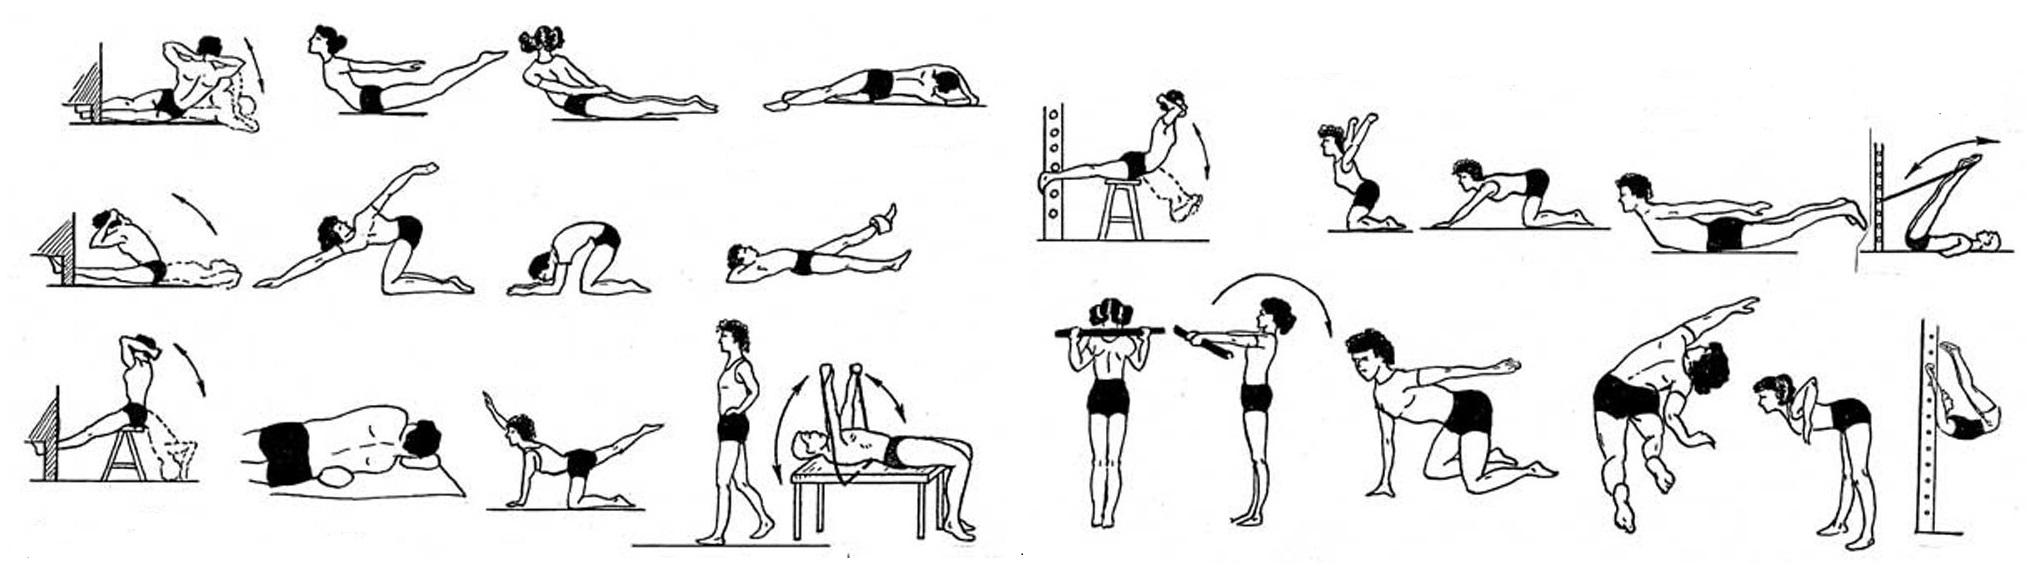 Упражнения, укрепляющие мышцы спины